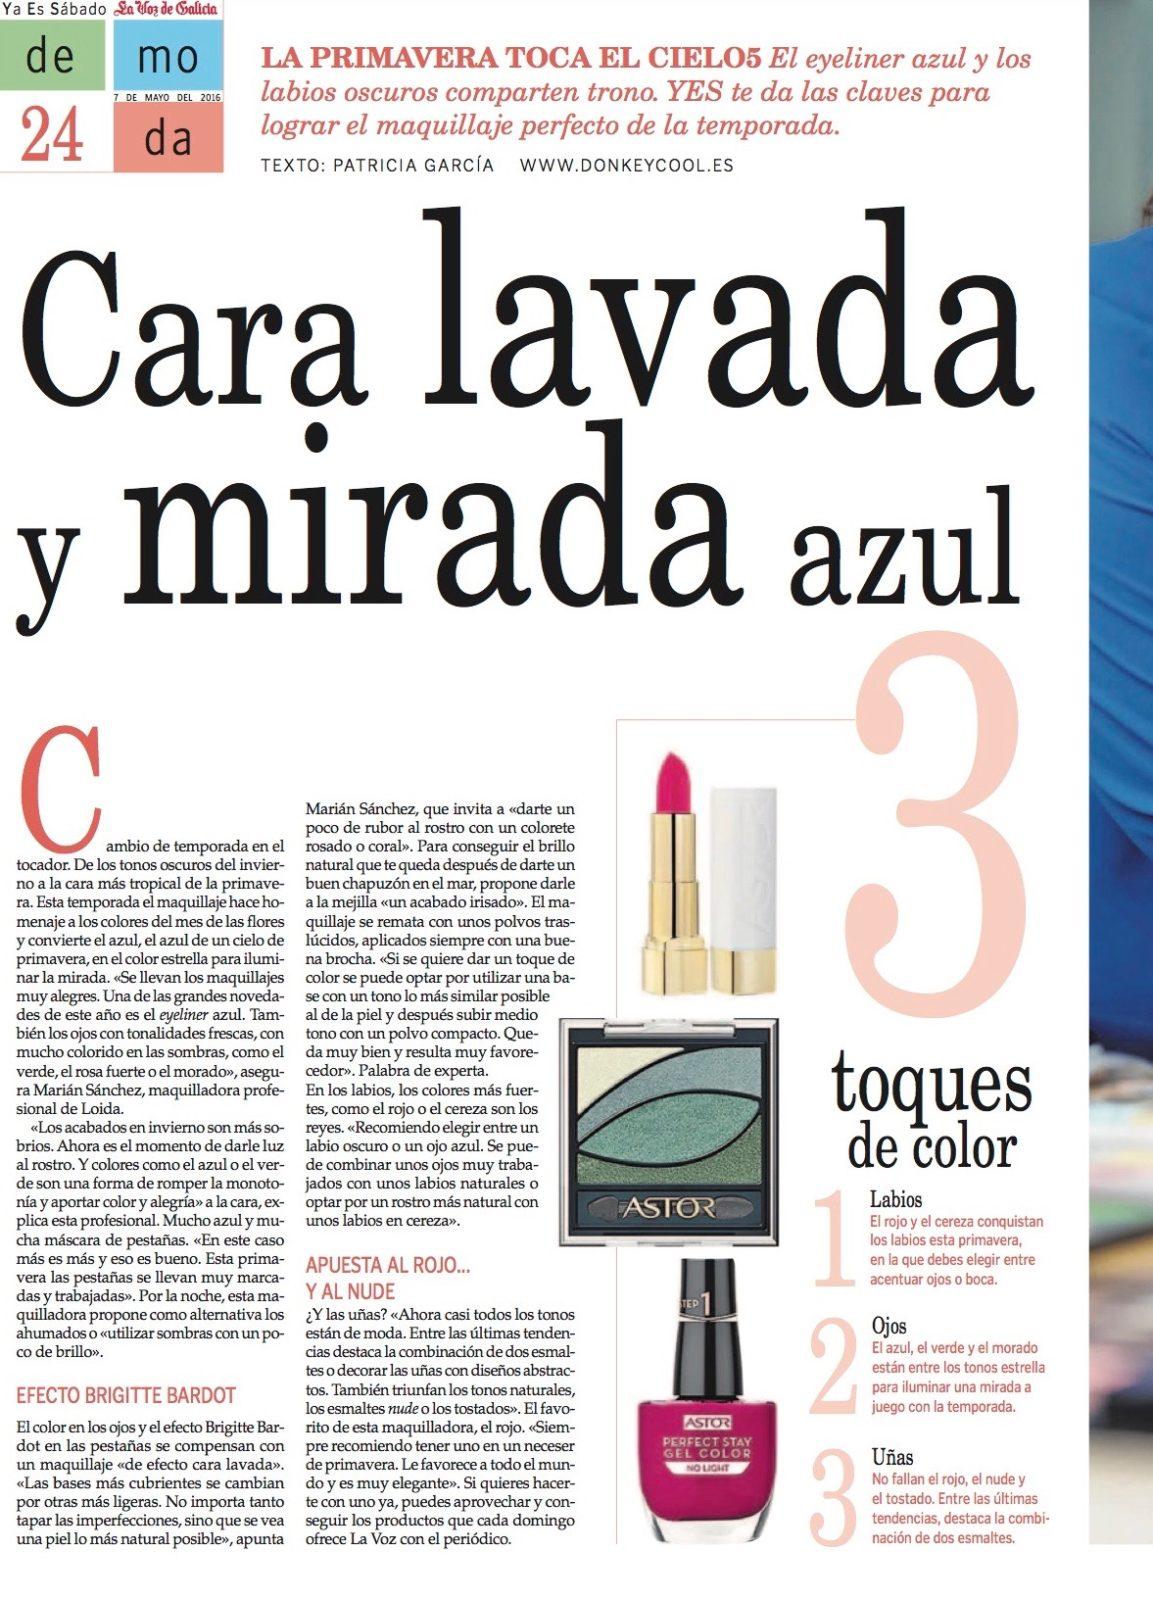 tendencias_maquillaje_primavera_verano_2016_revista_YES_La_Voz_de_Galicia_01 (1)